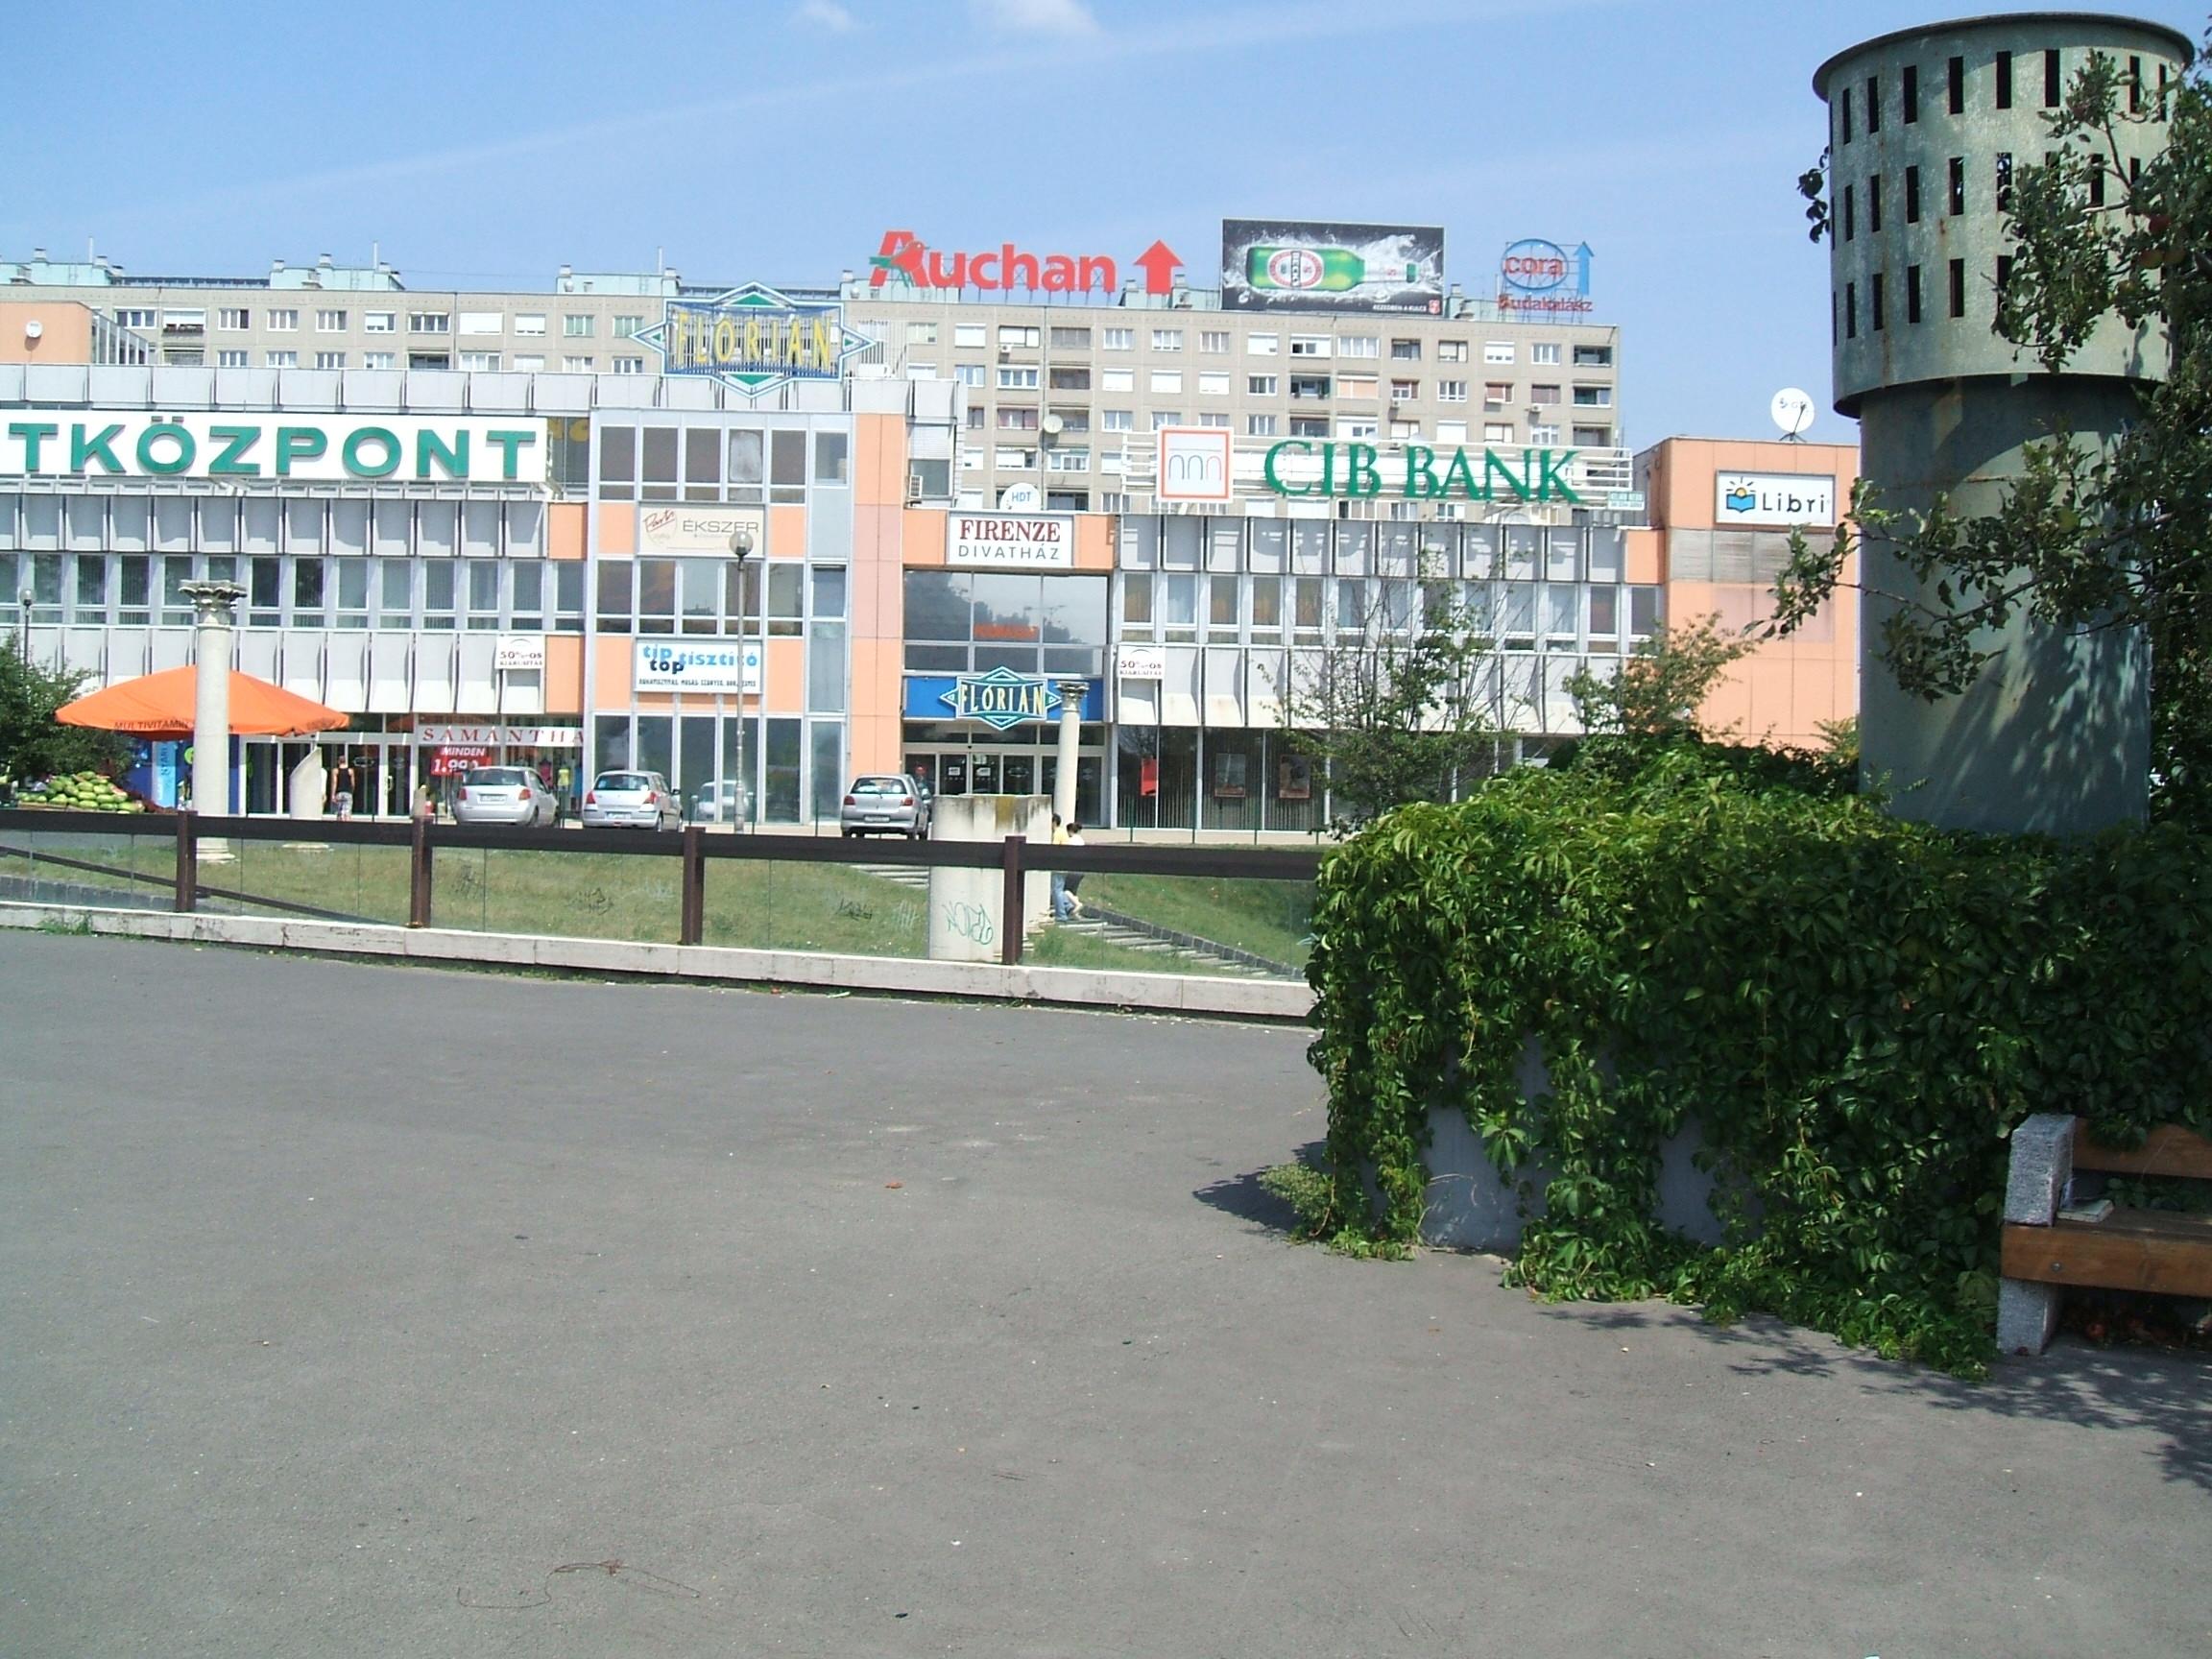 üzletközpont mi